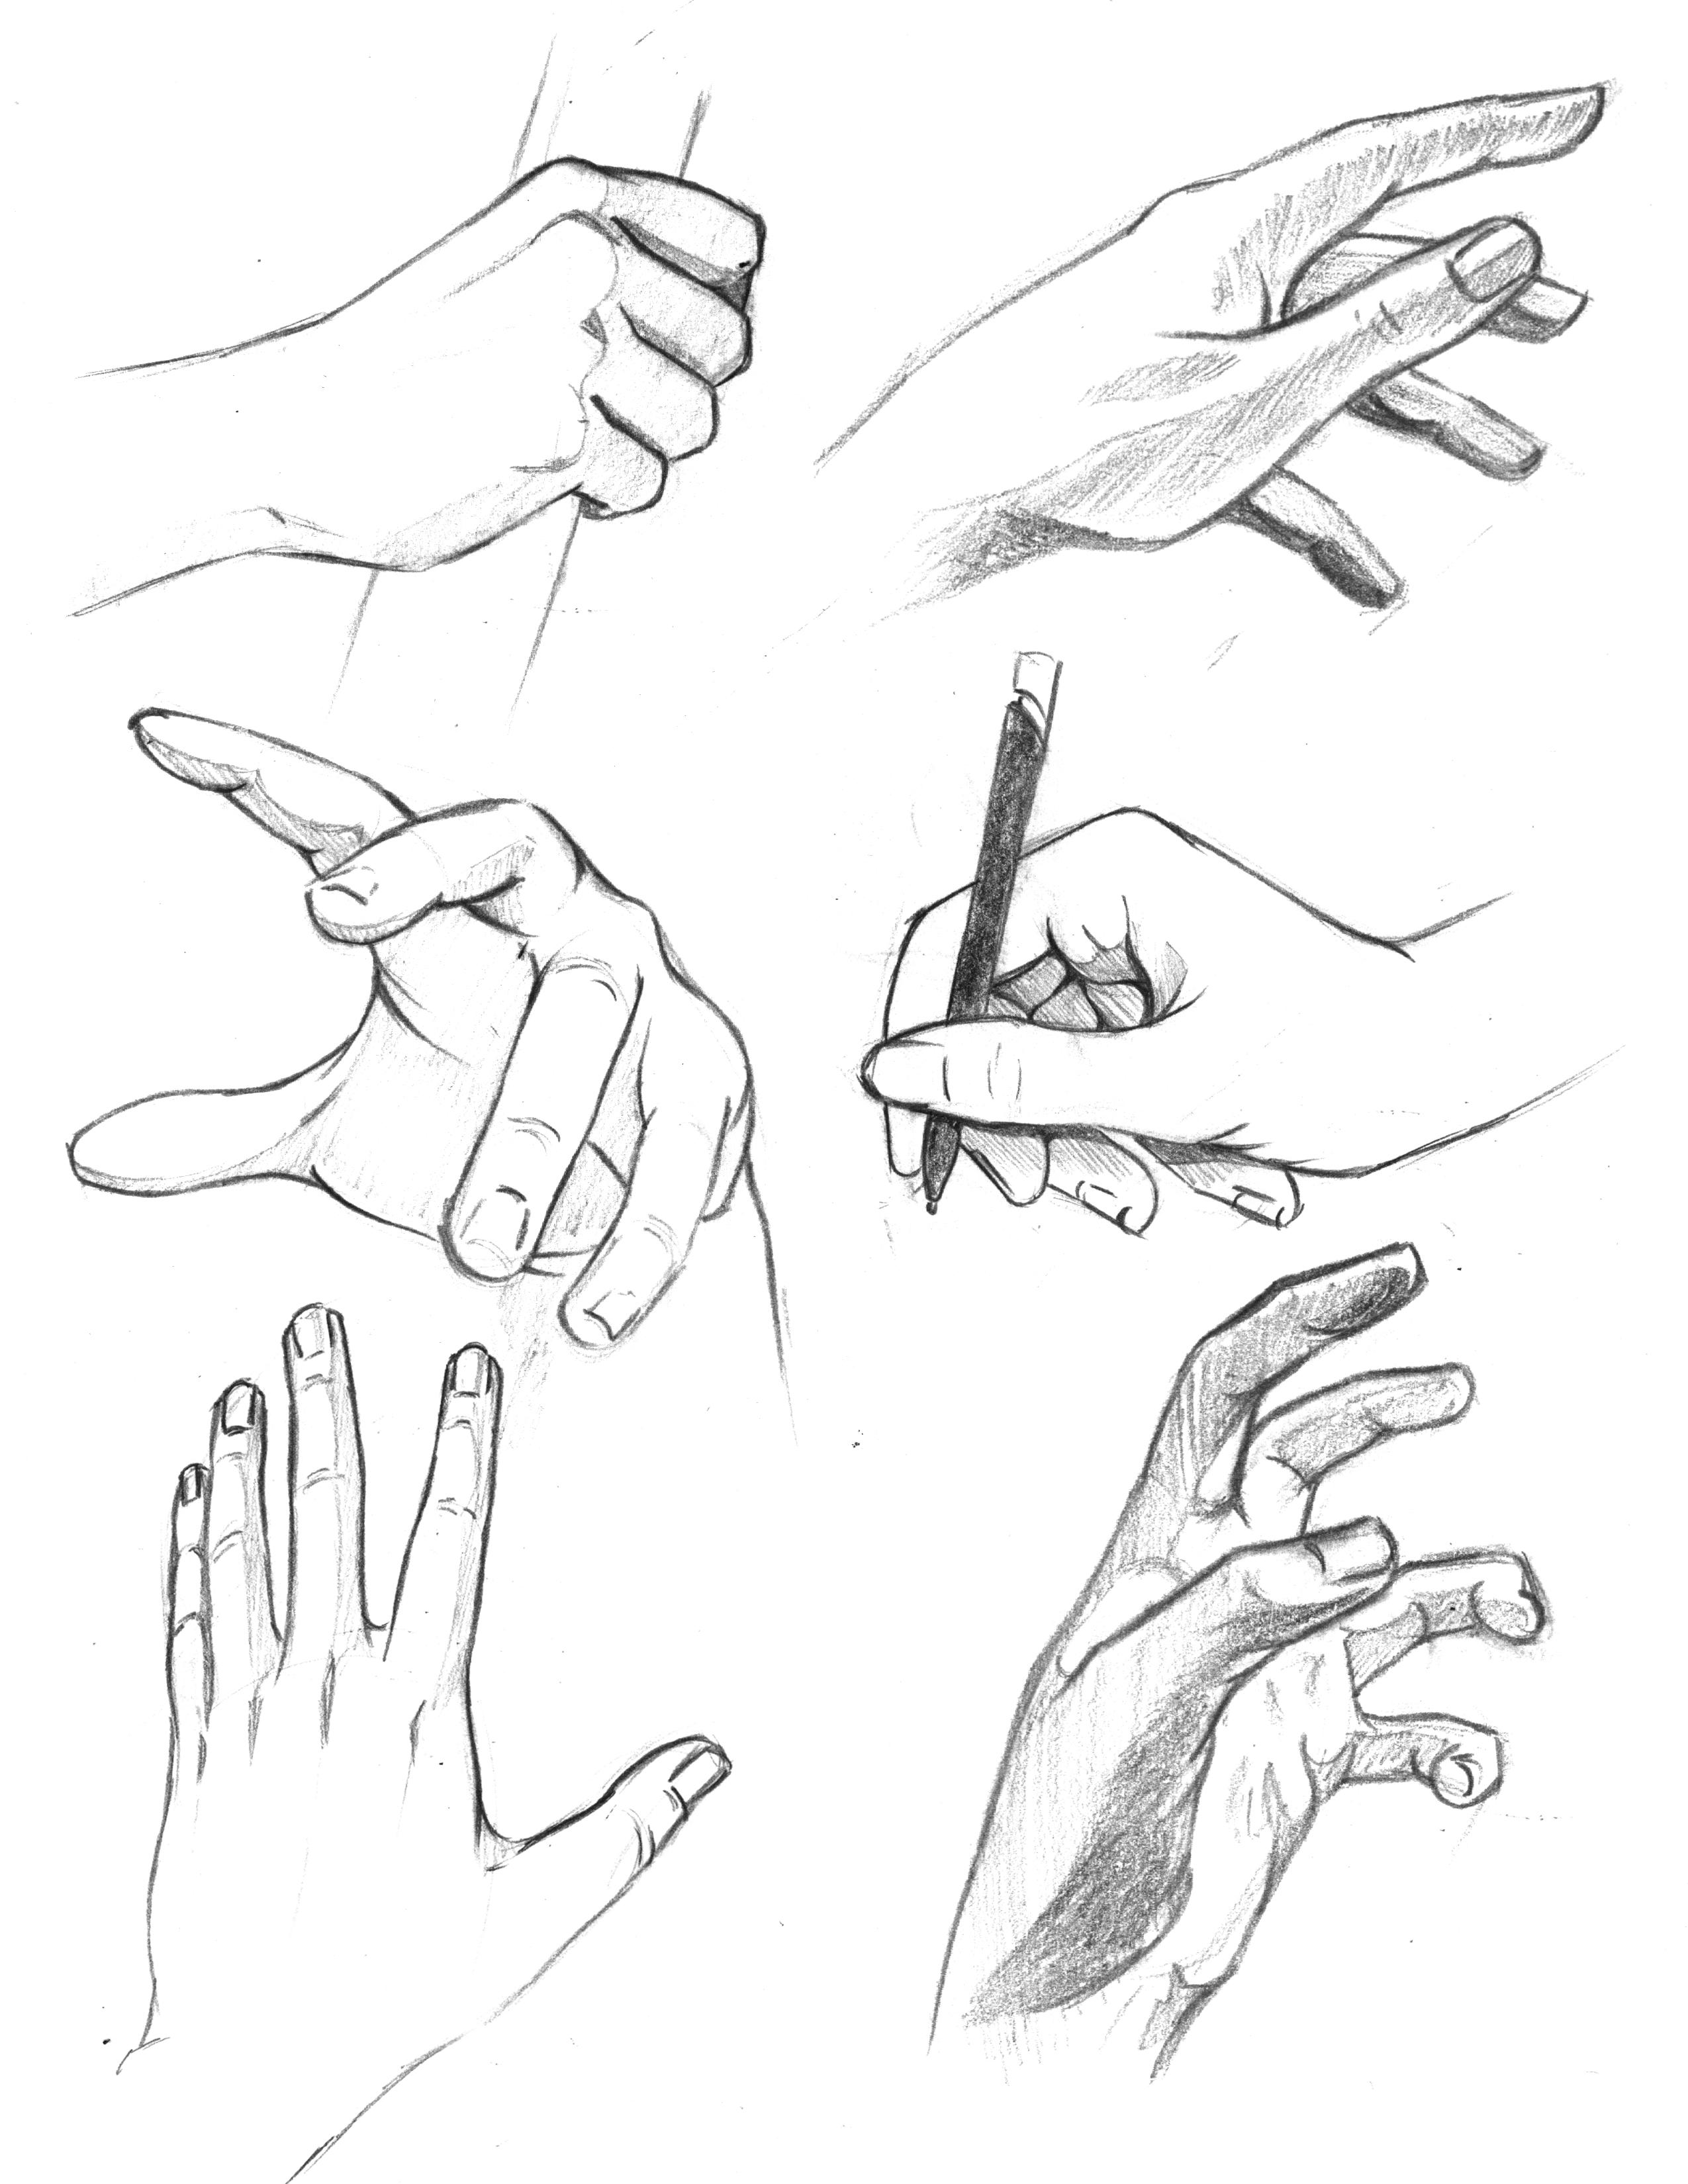 2550x3300 Drawn Hand Gesture Hand Sketch